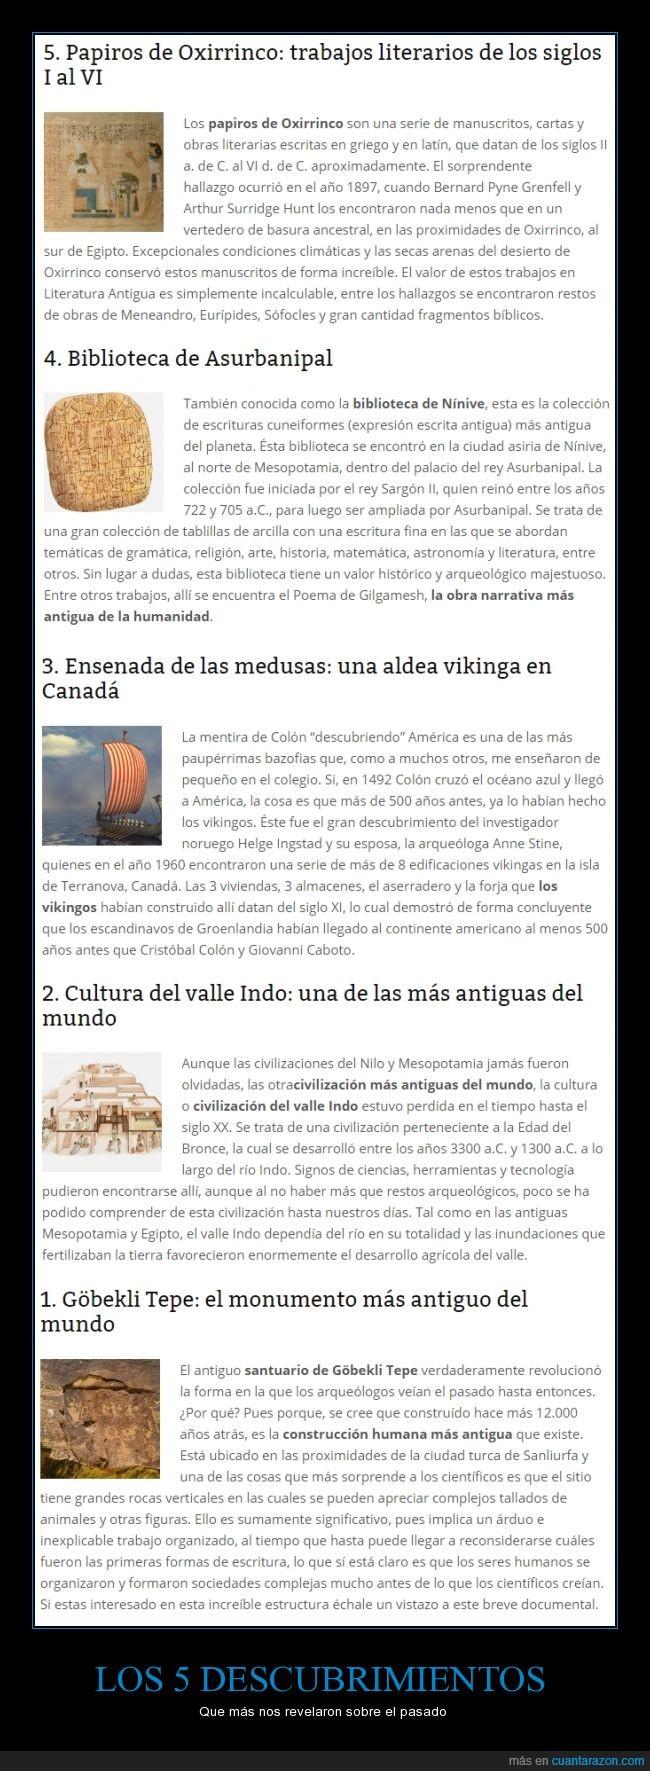 5,aldea,biblioteca,Canada,curiosidad,descubrimiento,descubrir,gobekli tepe,papiro,pasado,revelar,revelaron,ruina,vikingo